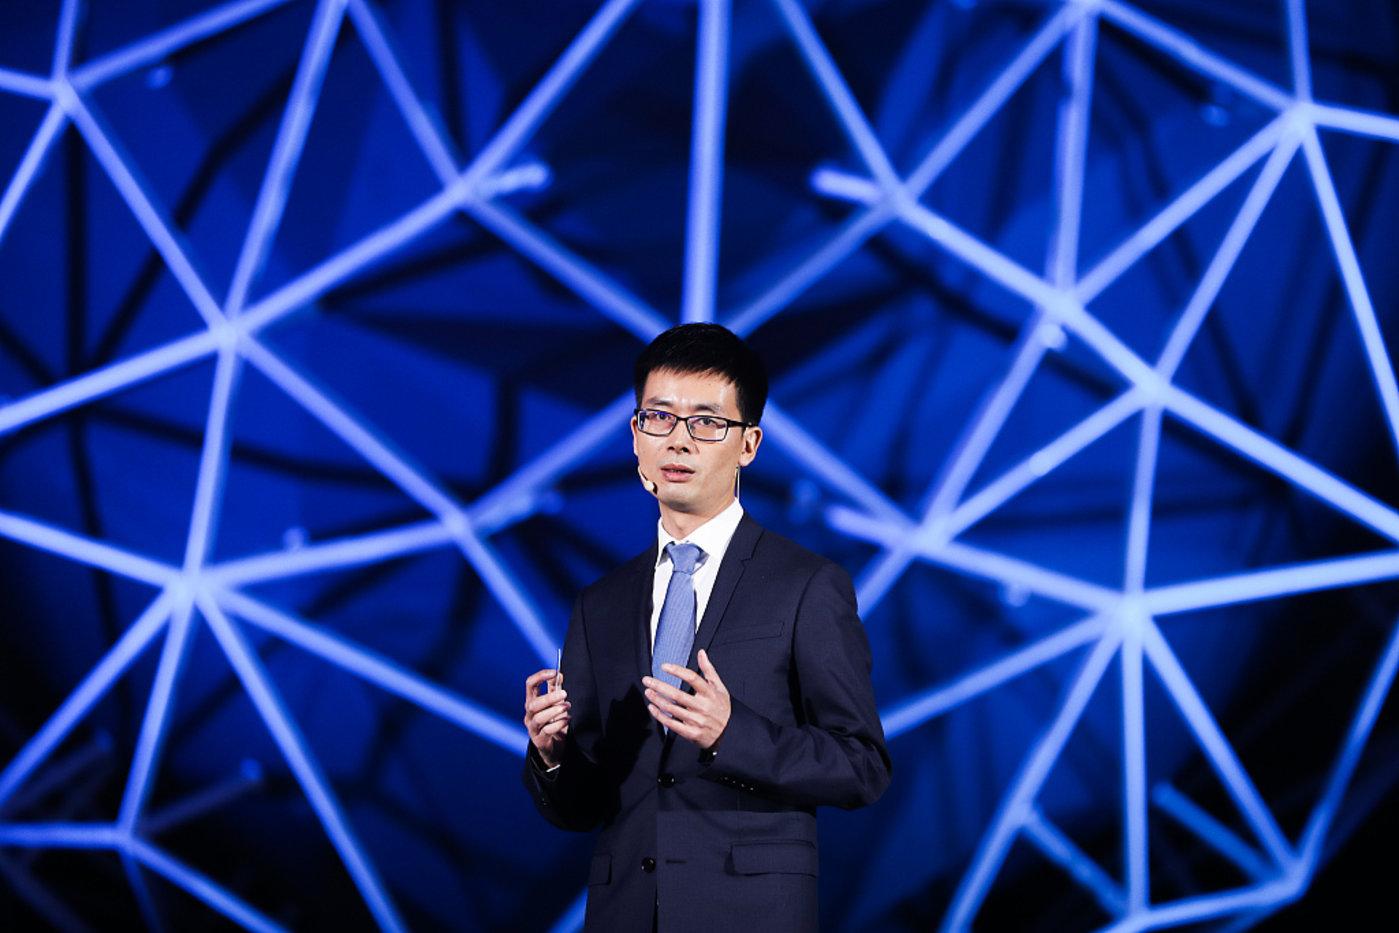 京东金融CEO陈生强,图片来源于视觉中国